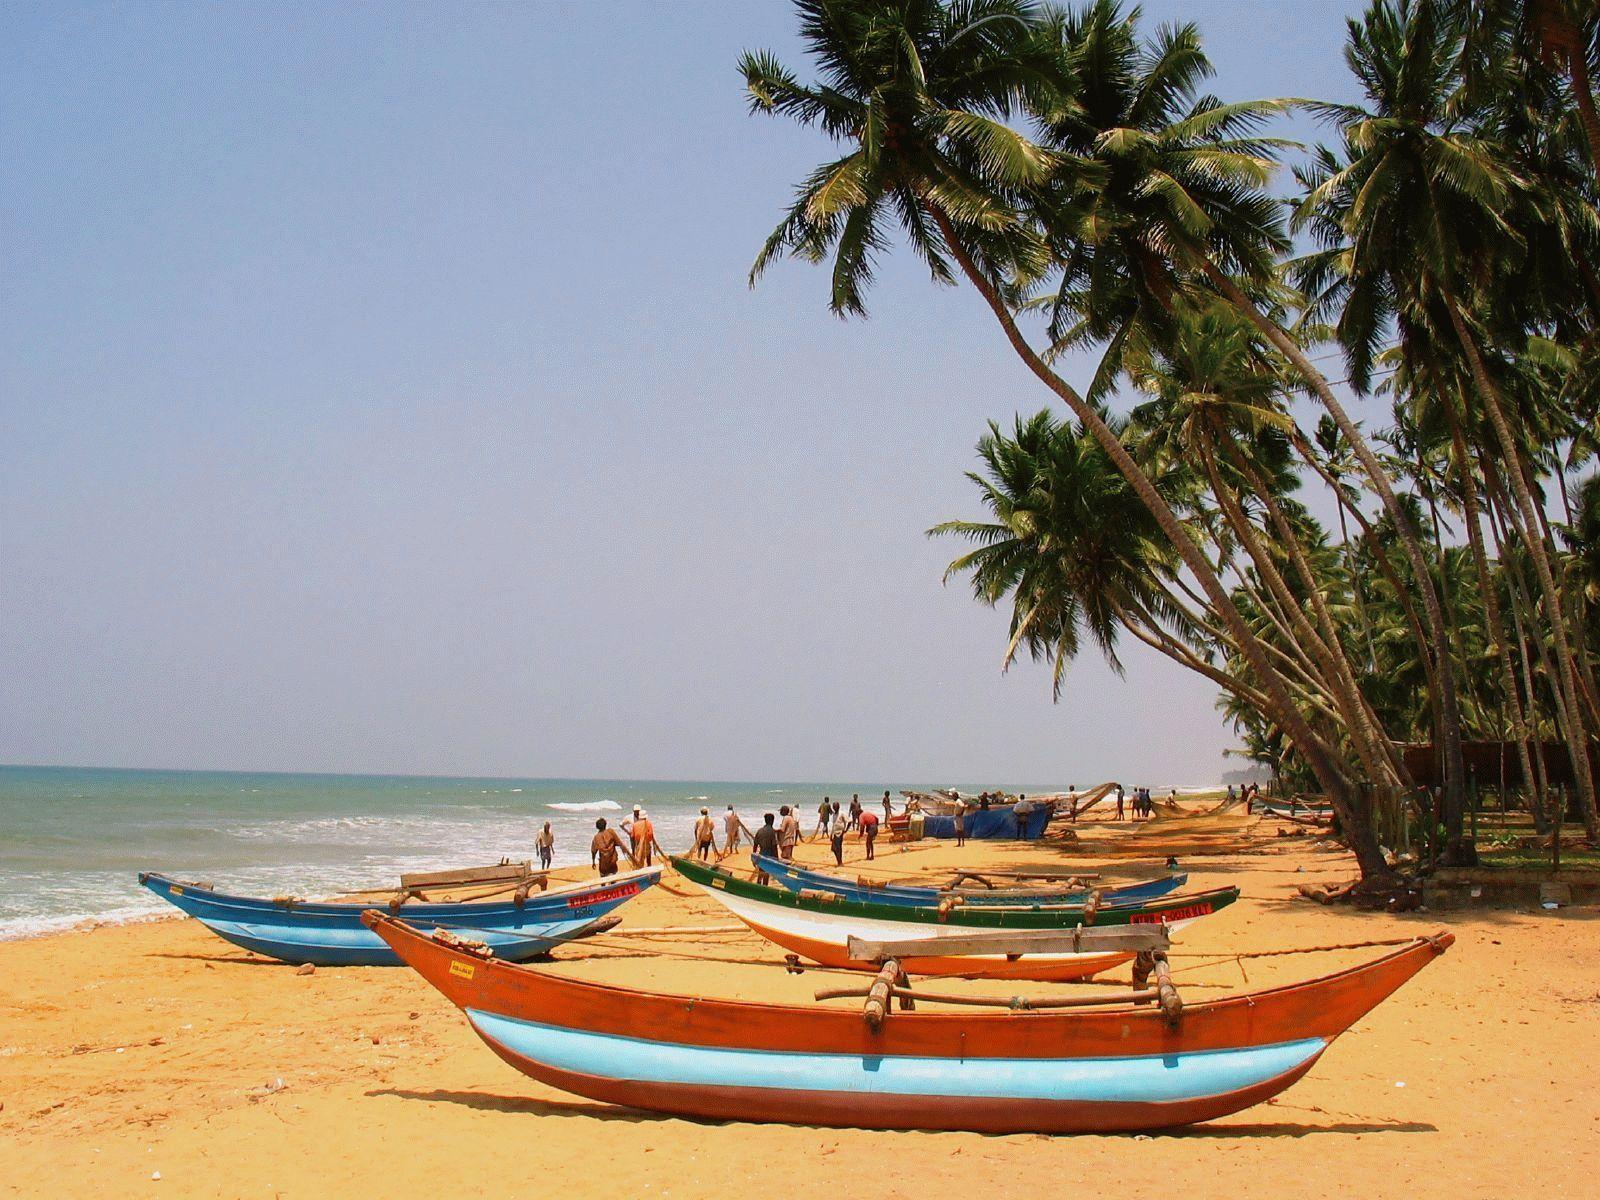 картинка фотография курорта Калутара на Шри-Ланке